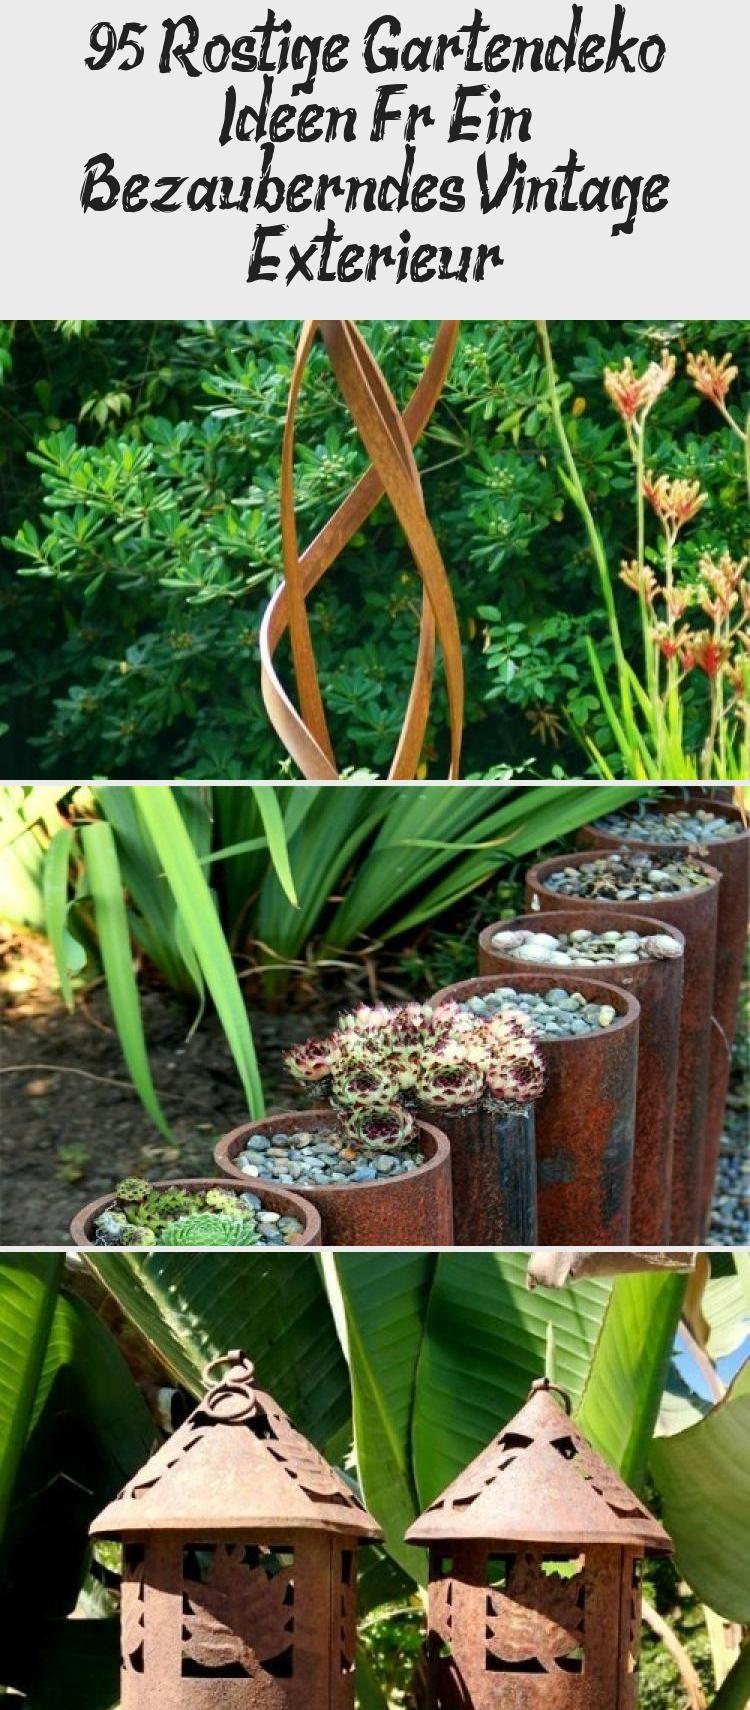 95 Rostige Gartendeko Ideen Fur Ein Bezauberndes Vintage Exterieur Besen Blumen Im Garten Gartenstecker Gartenideenrindenmulch Gartenideenbalkon Garten Plants